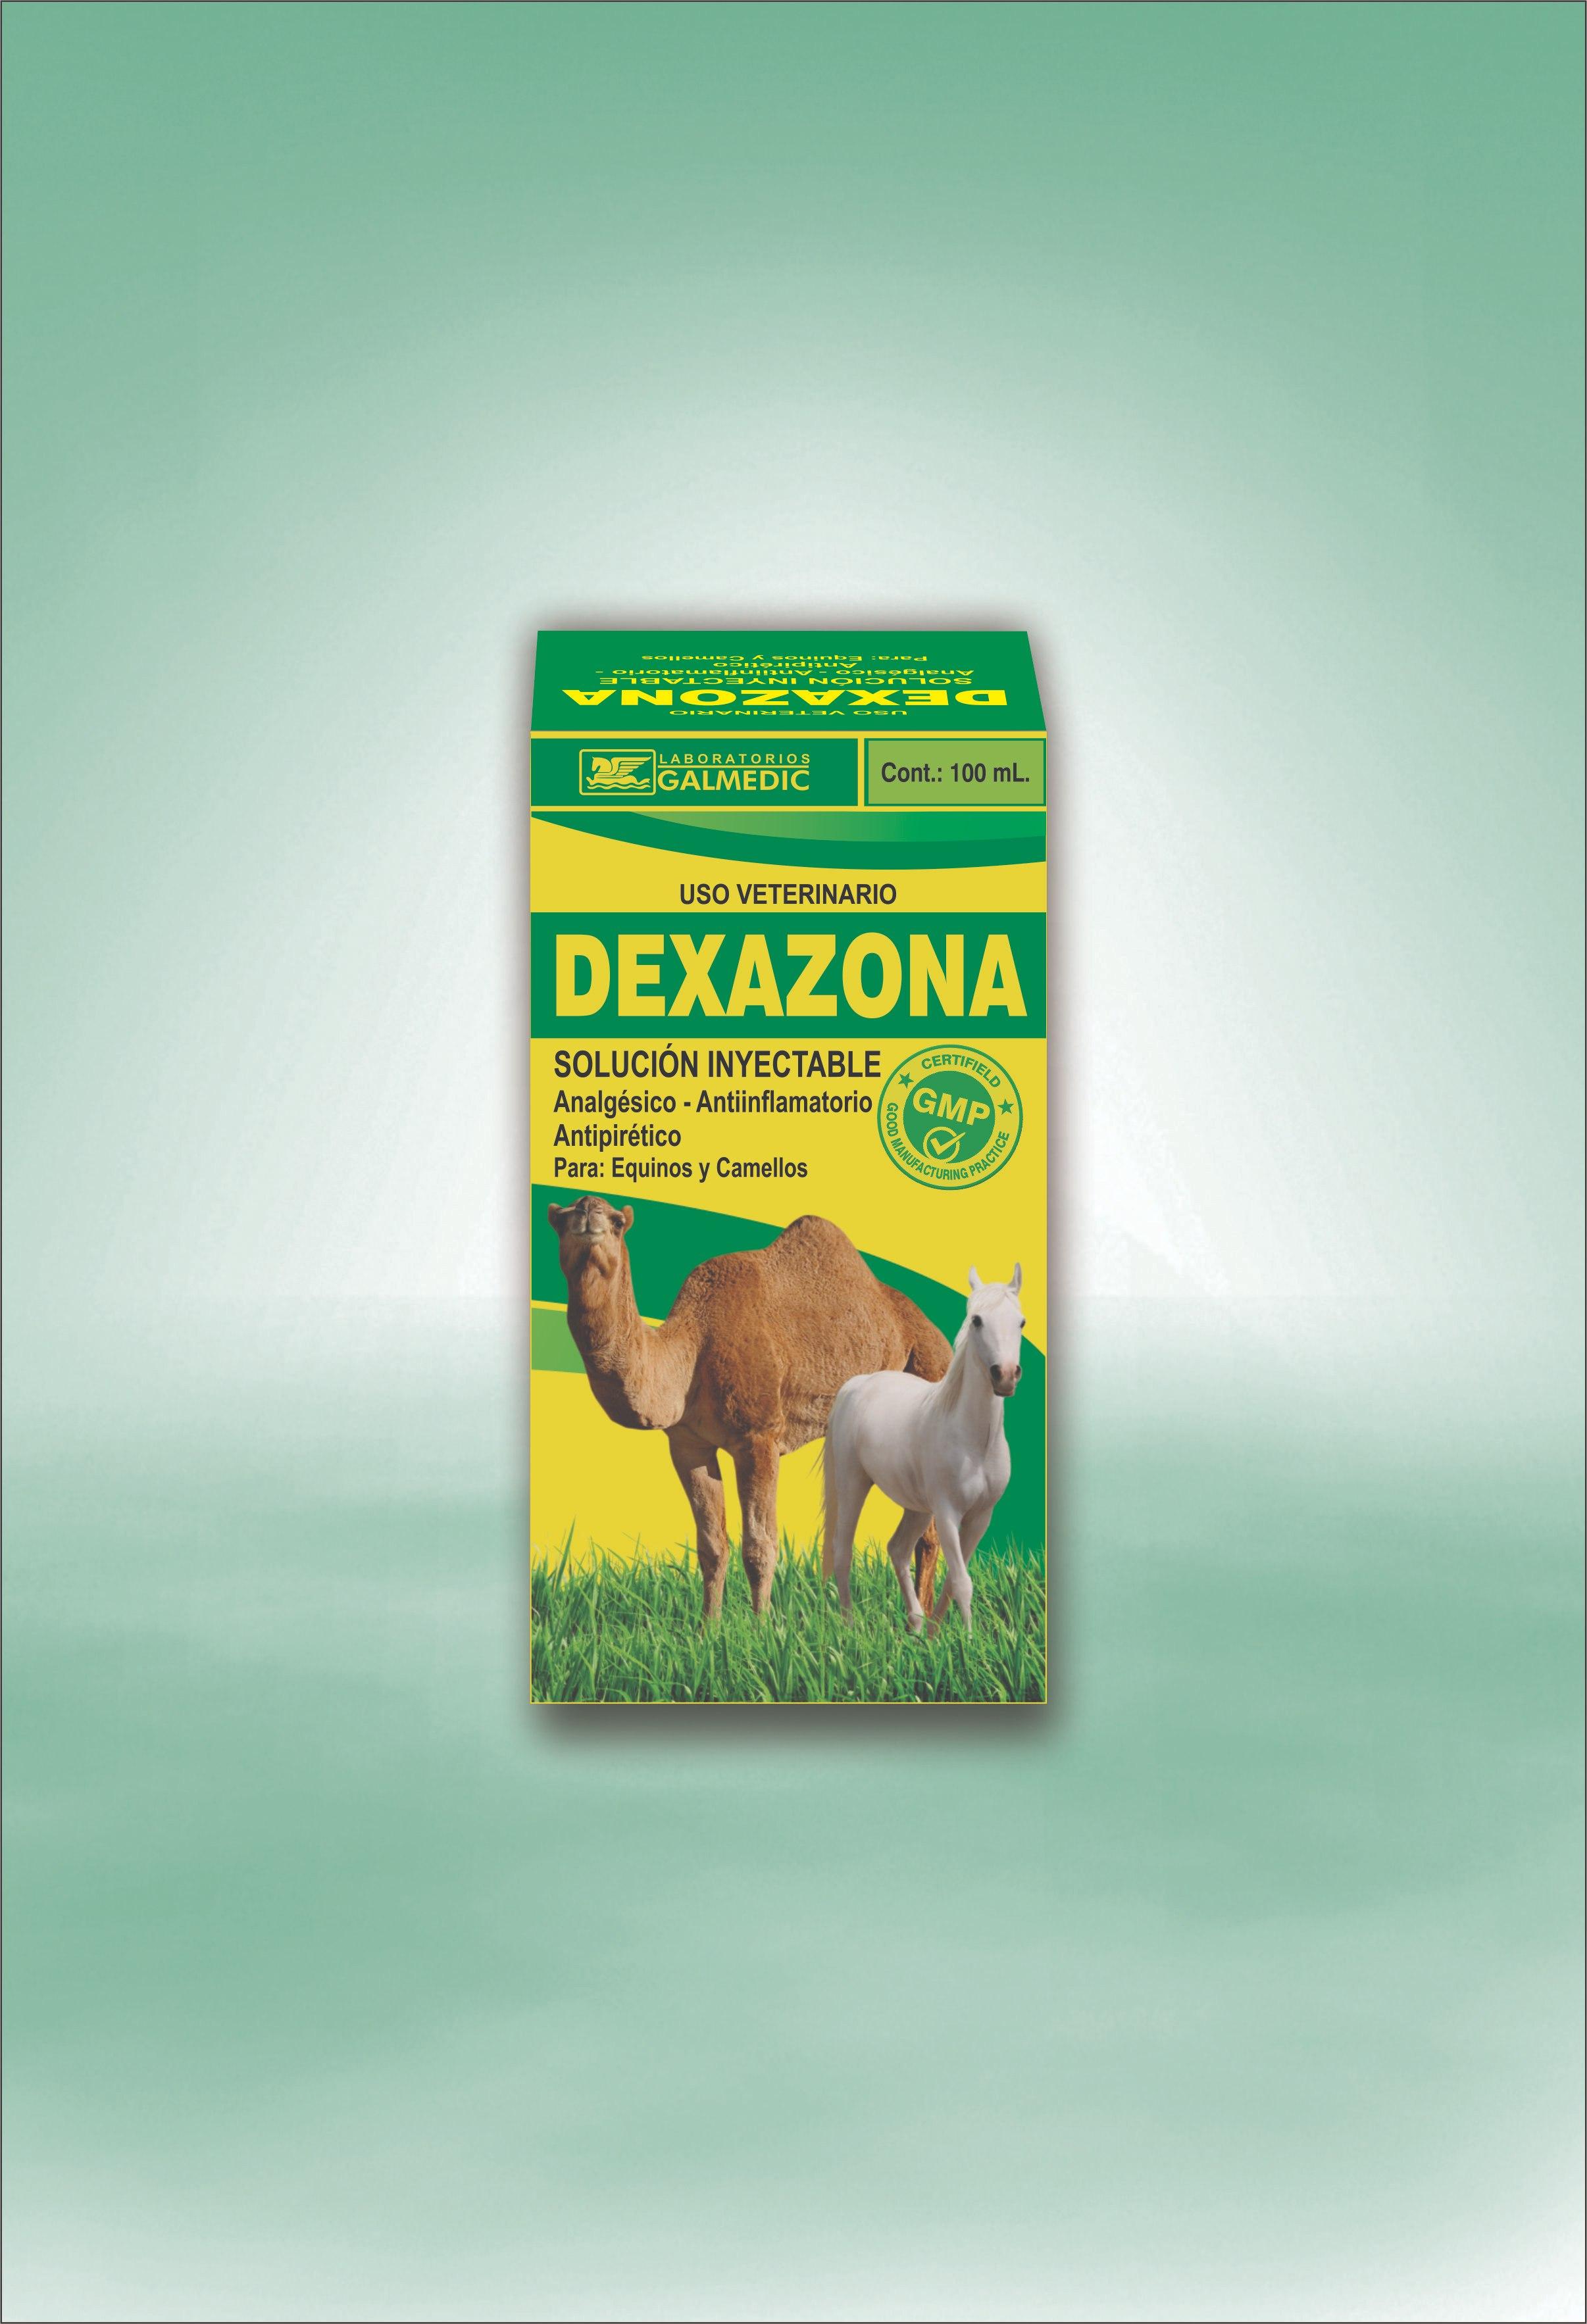 DEXAZONA